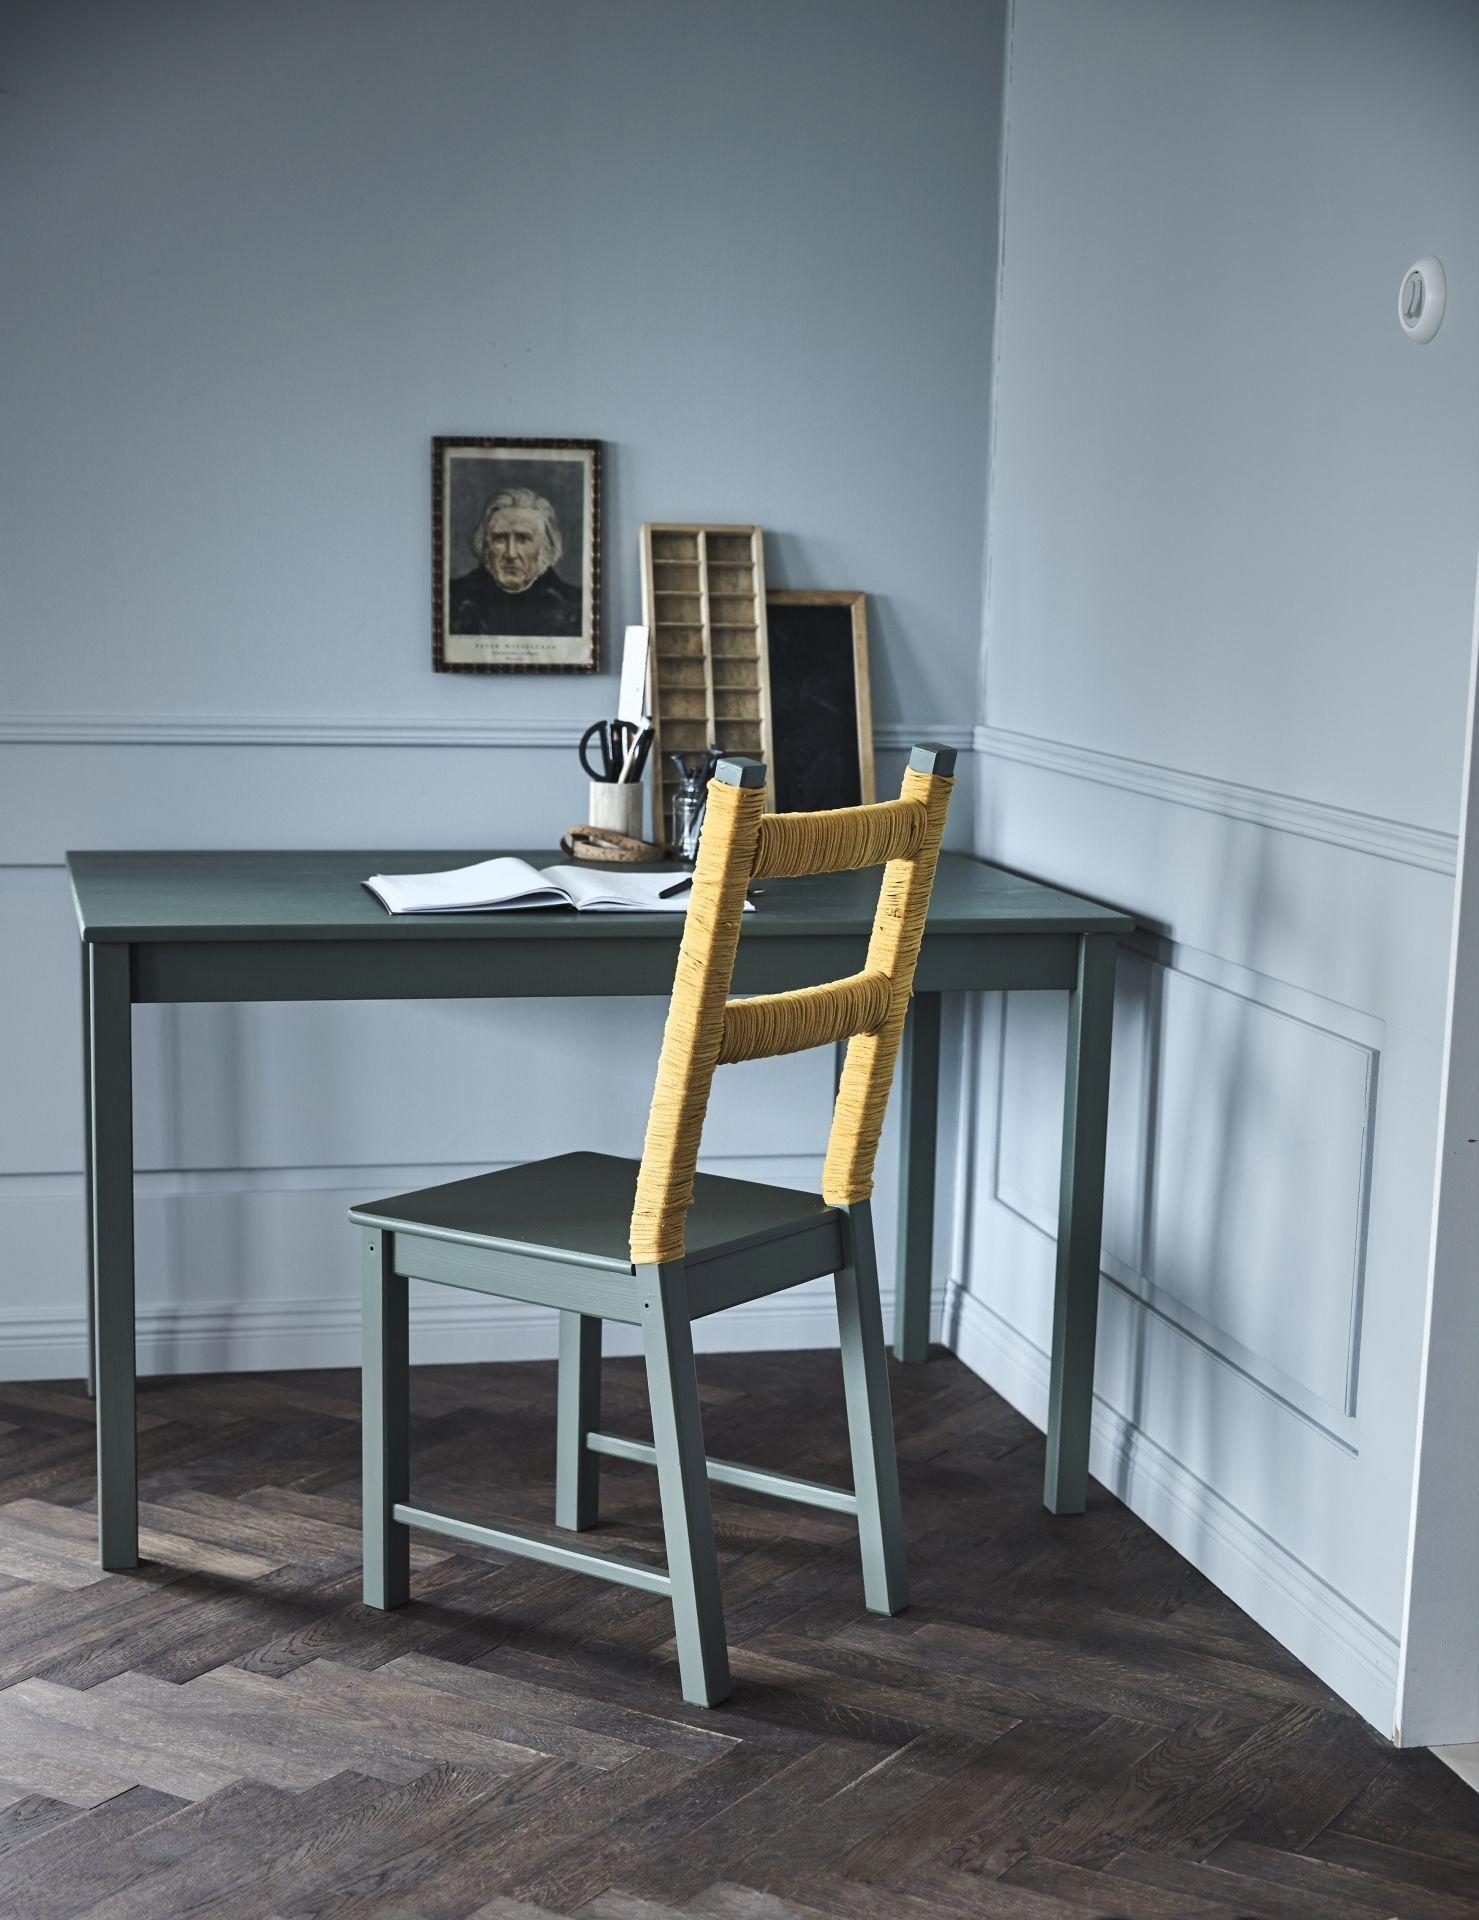 geef je eetkamerstoelen een boost door een laagje verf zien de stoelen er weer als